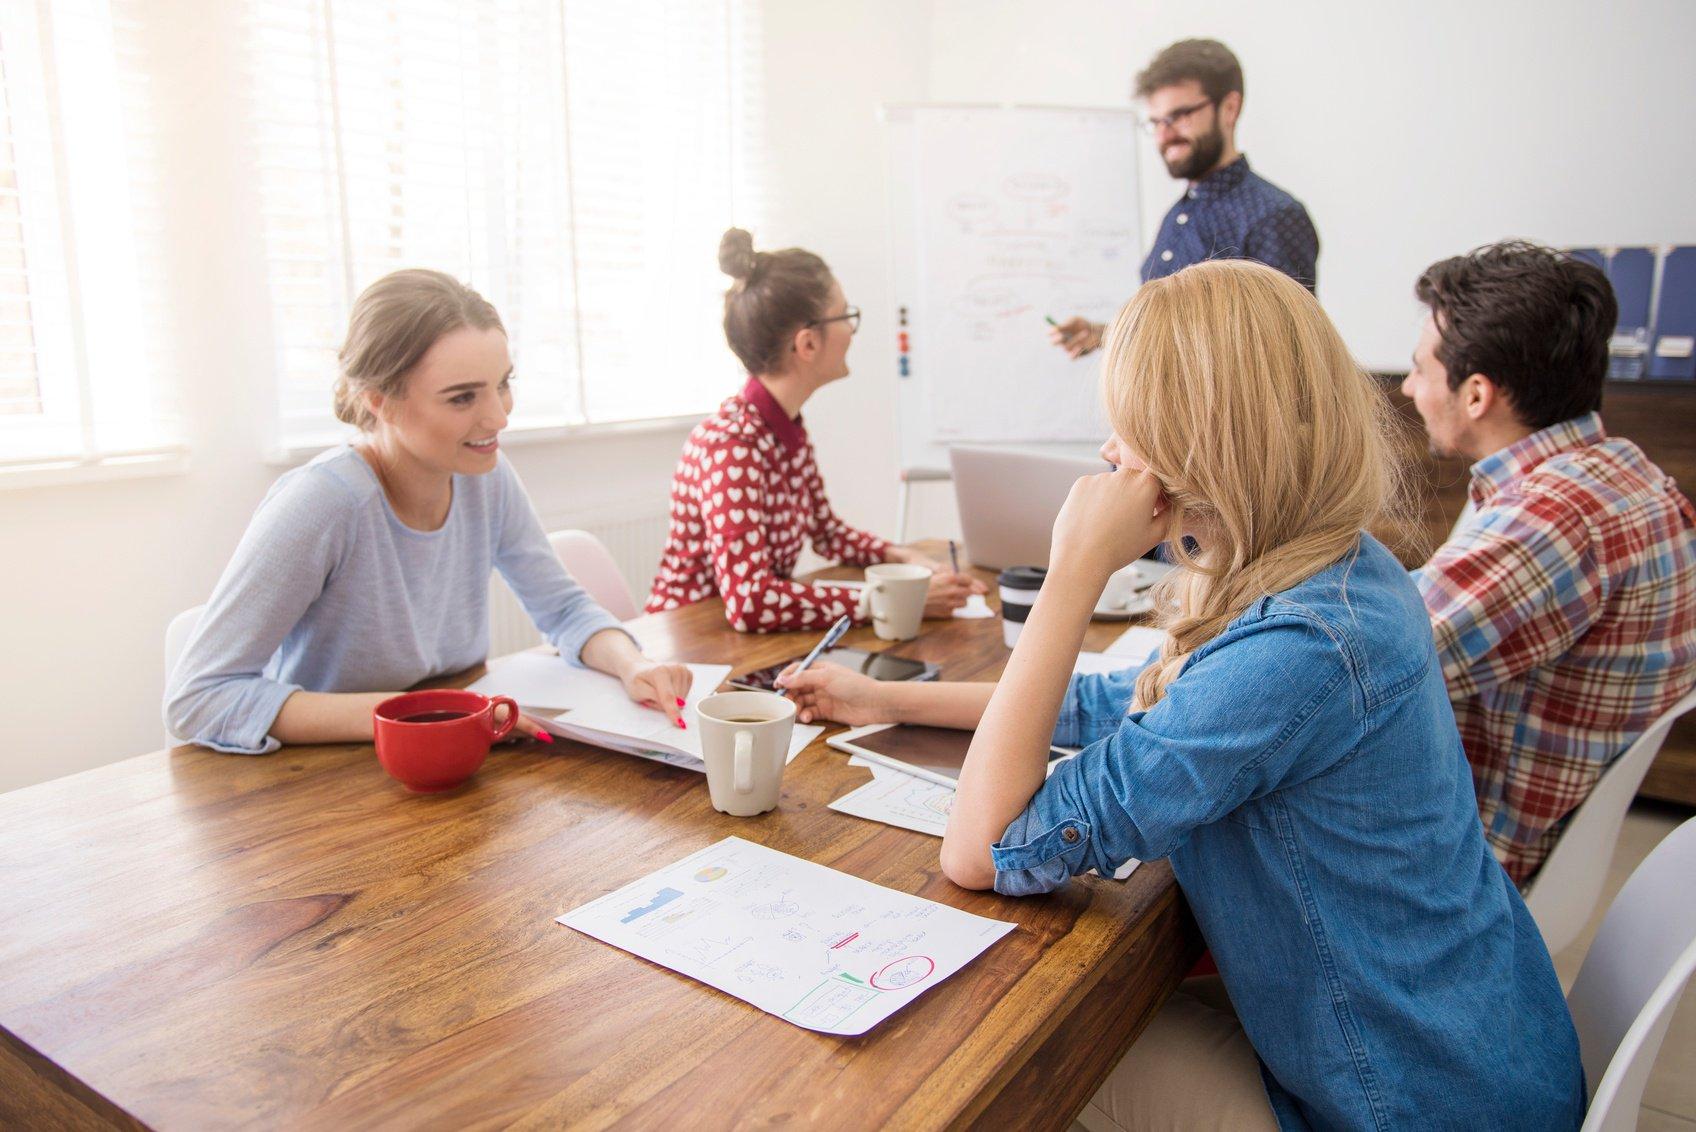 Company_Meeting.jpg